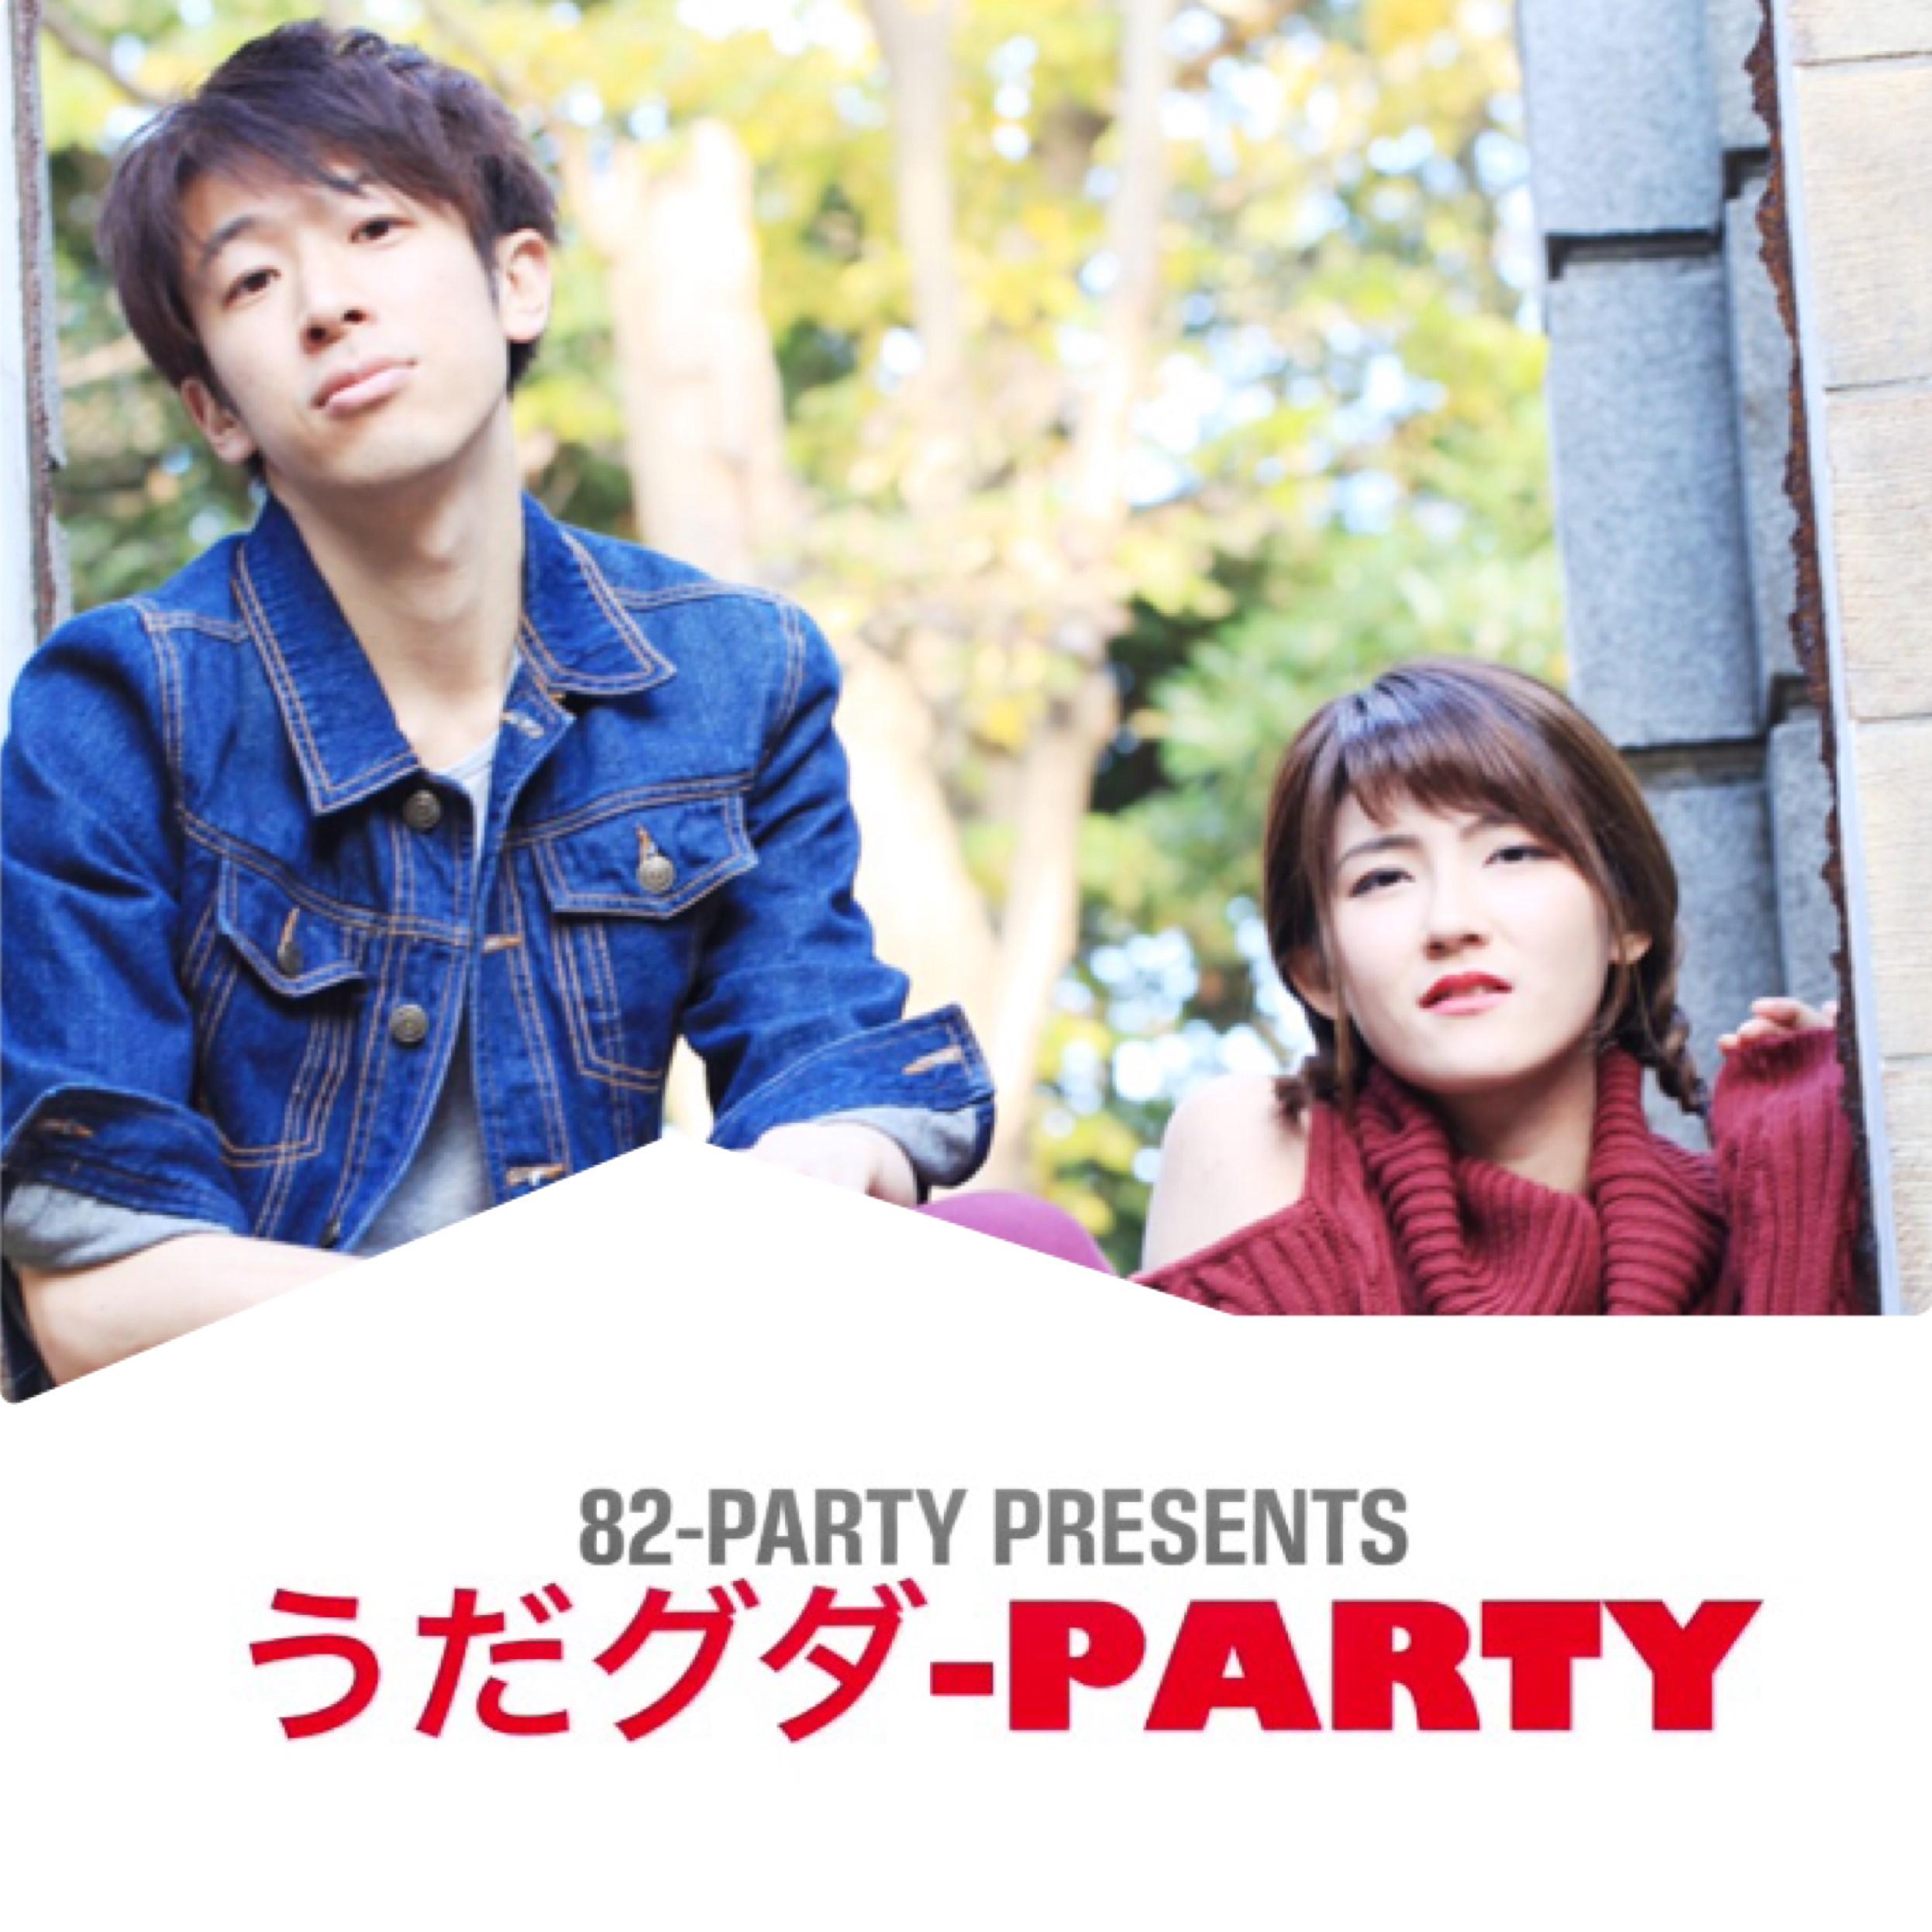 うだグダ-partyのイメージ